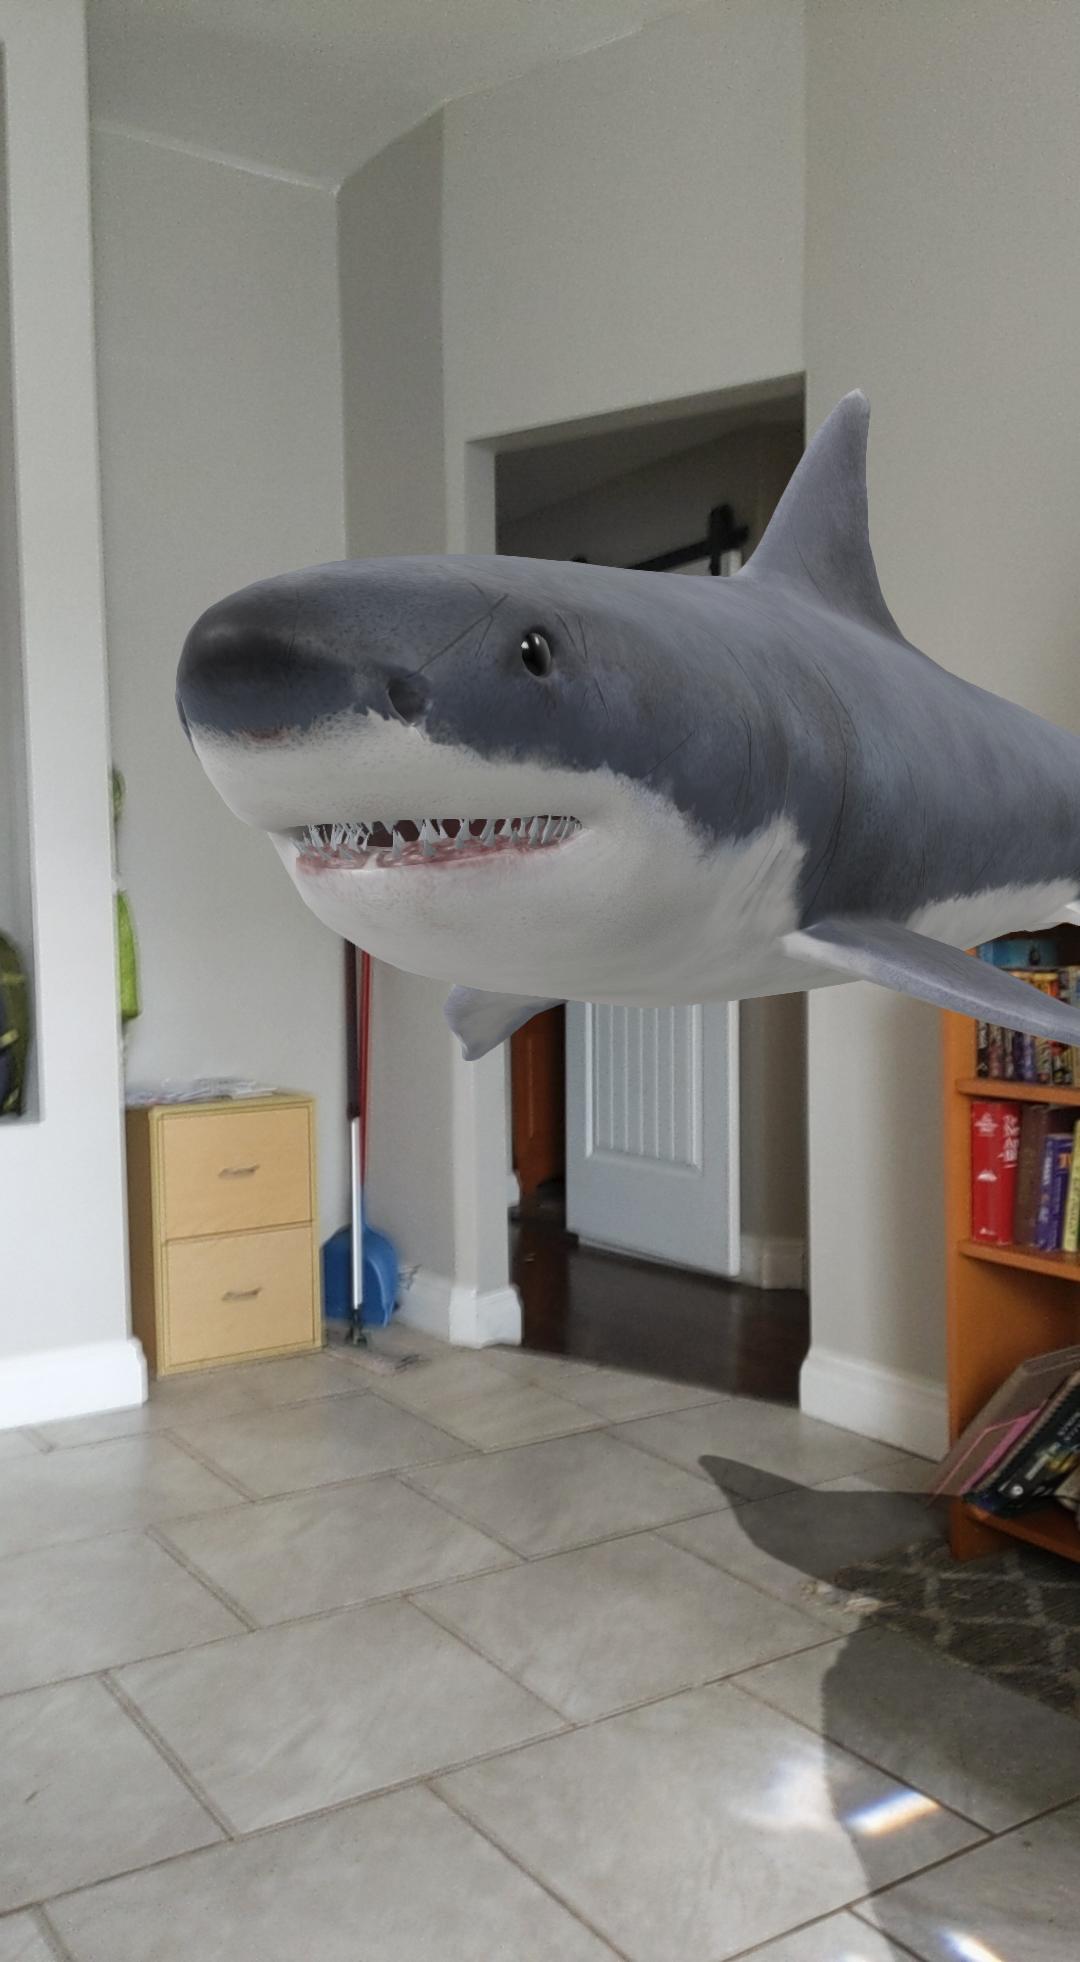 An AR shark in a house.